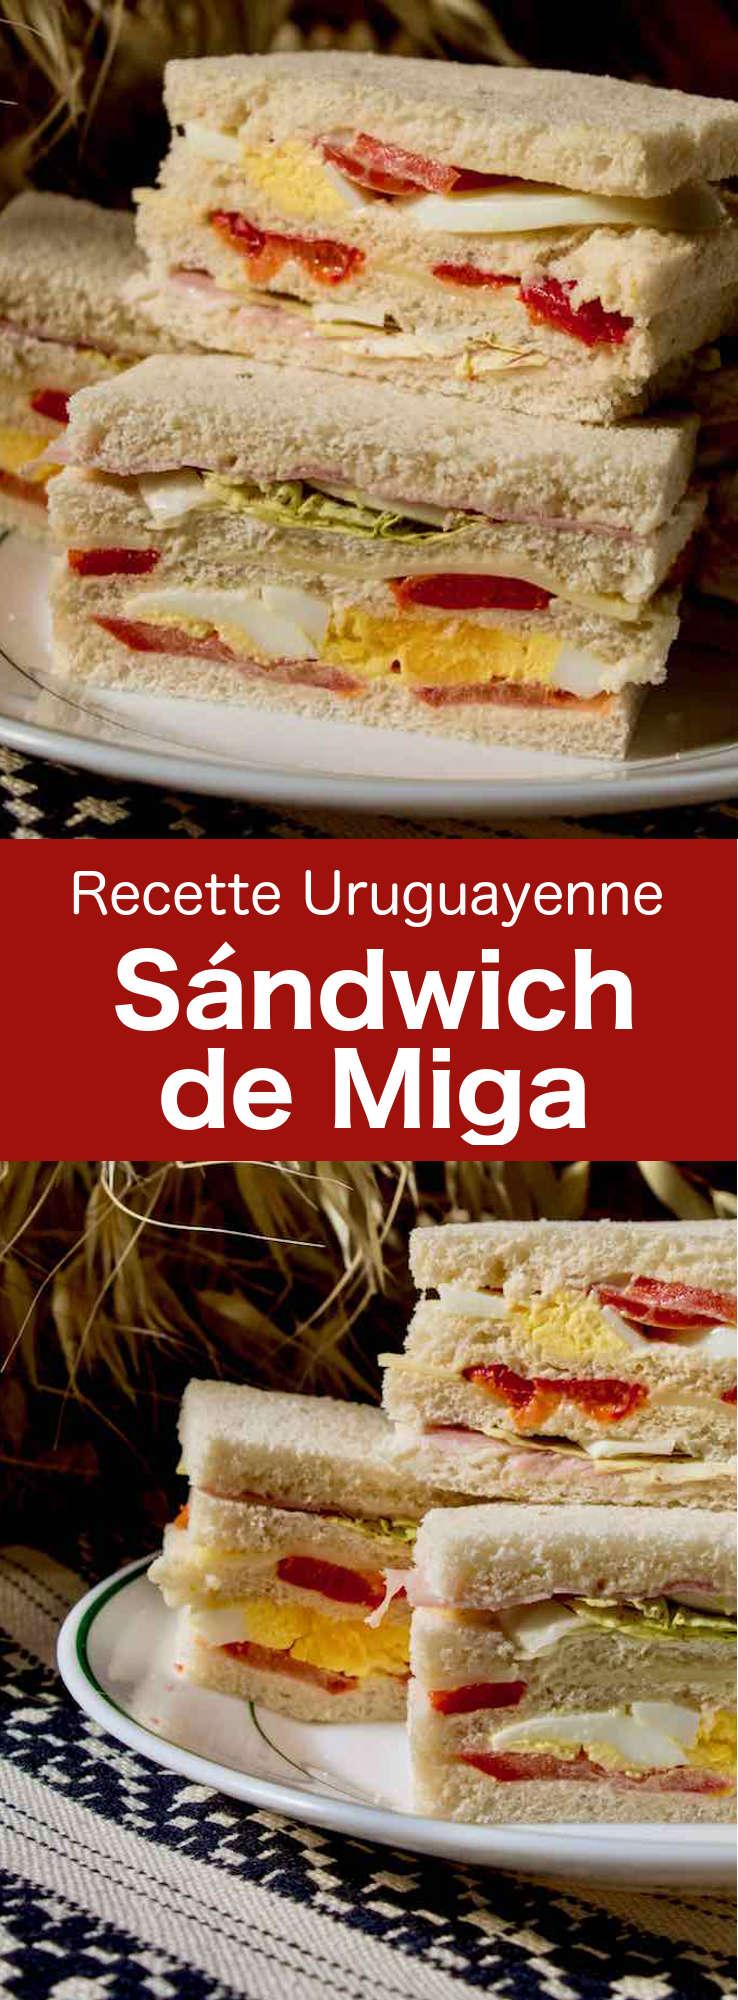 Le sándwich de miga (ou sándwich olímpico) est un délicieux sandwich à plusieurs couches très populaire en Uruguay, en Argentine et au Chili. #Uruguay #Argentine #Chili #RecetteUruguayenne #RecetteArgentine #RecetteChilienne #CuisineUruguayenne #CuisineArgentine #CuisineChilienne #WorldCuisine #196flavors